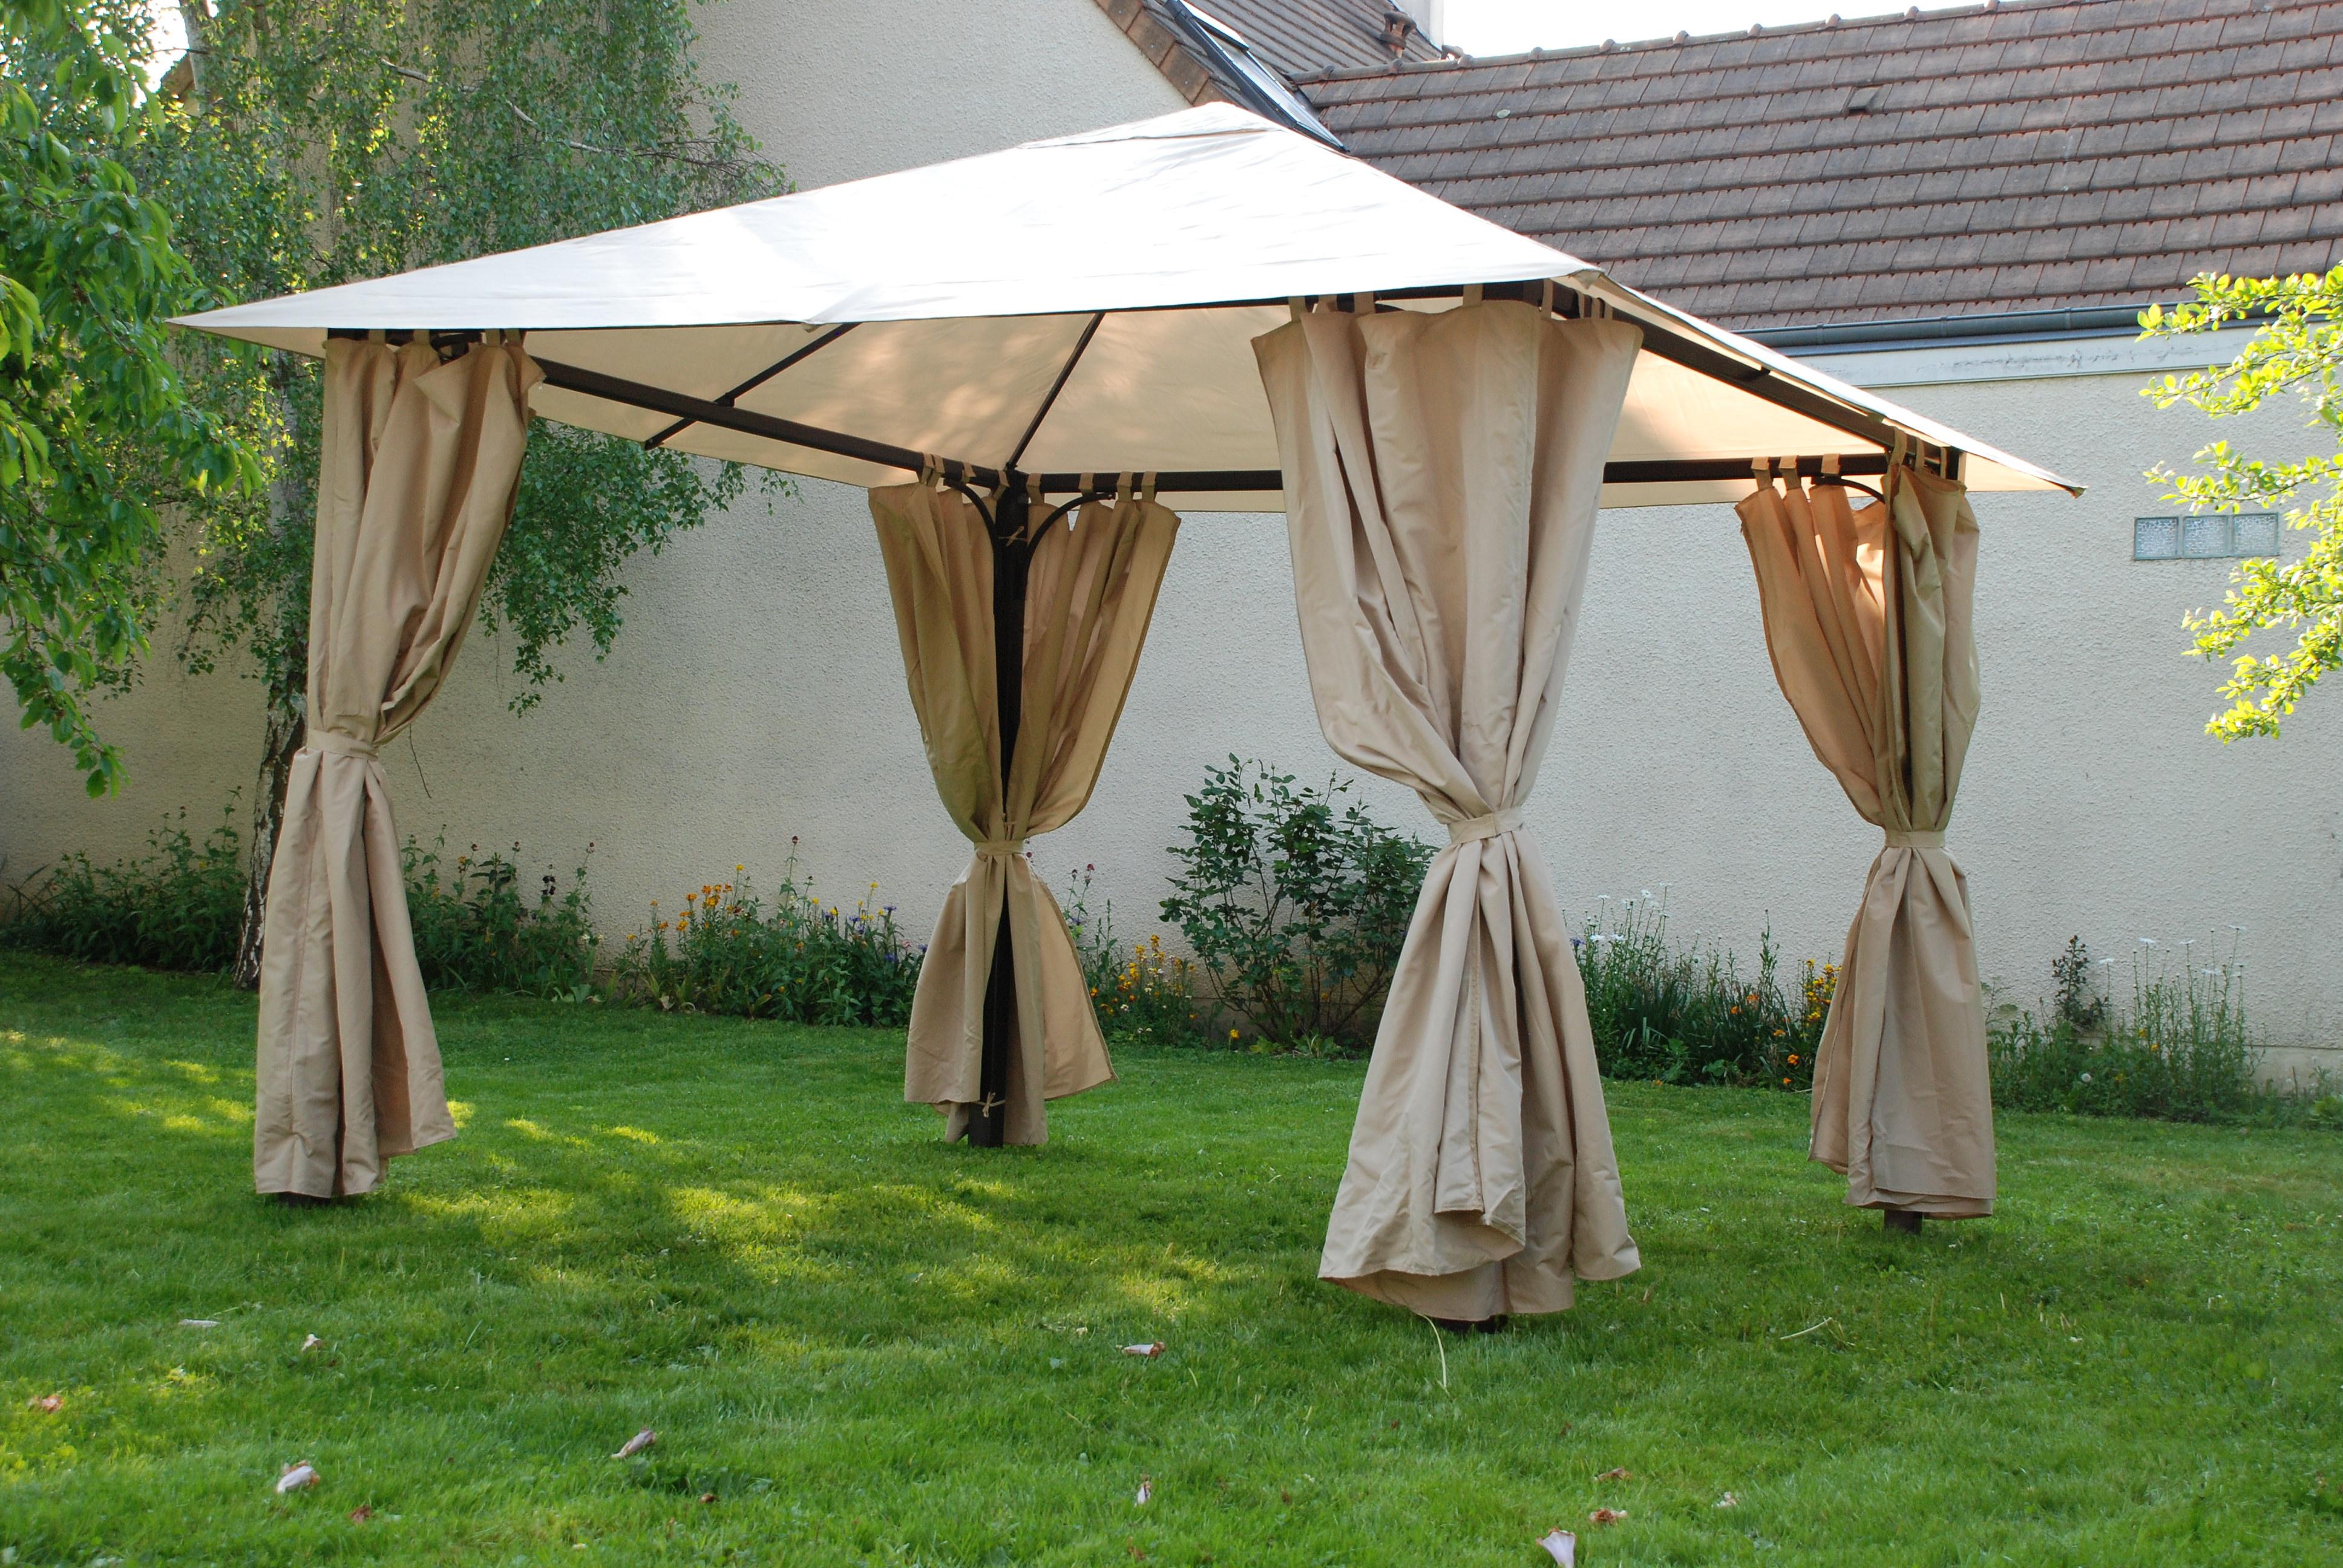 Tonnelle Parapluie Gifi Beau Photographie Ides Dimages De Tente De Reception 3—6 Gifi